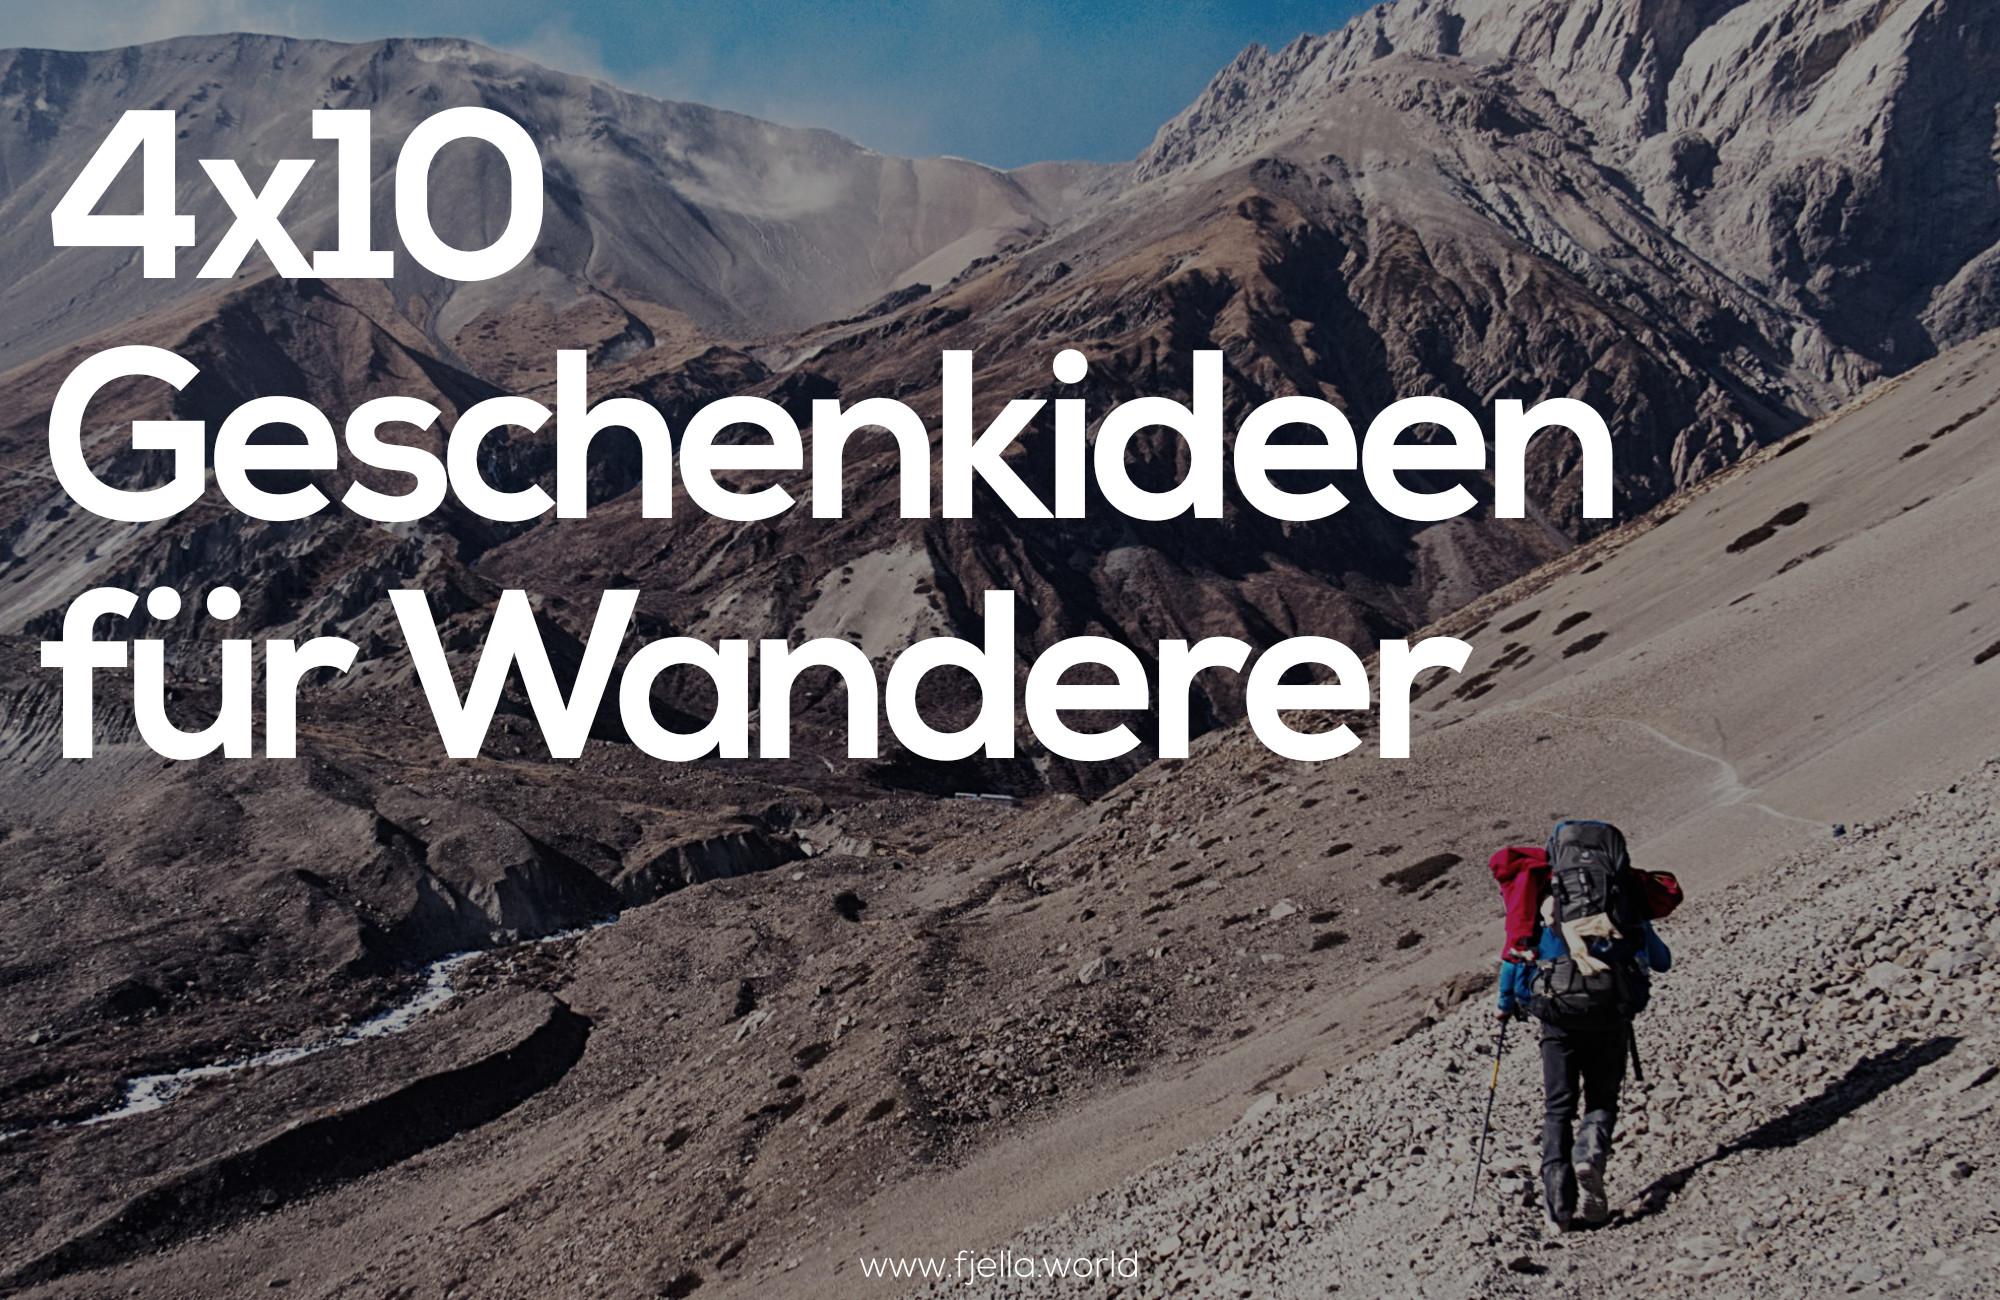 Geschenke Für Wanderer  4x10 Geschenke für Wanderer Bergliebhaber und Outdoorfans